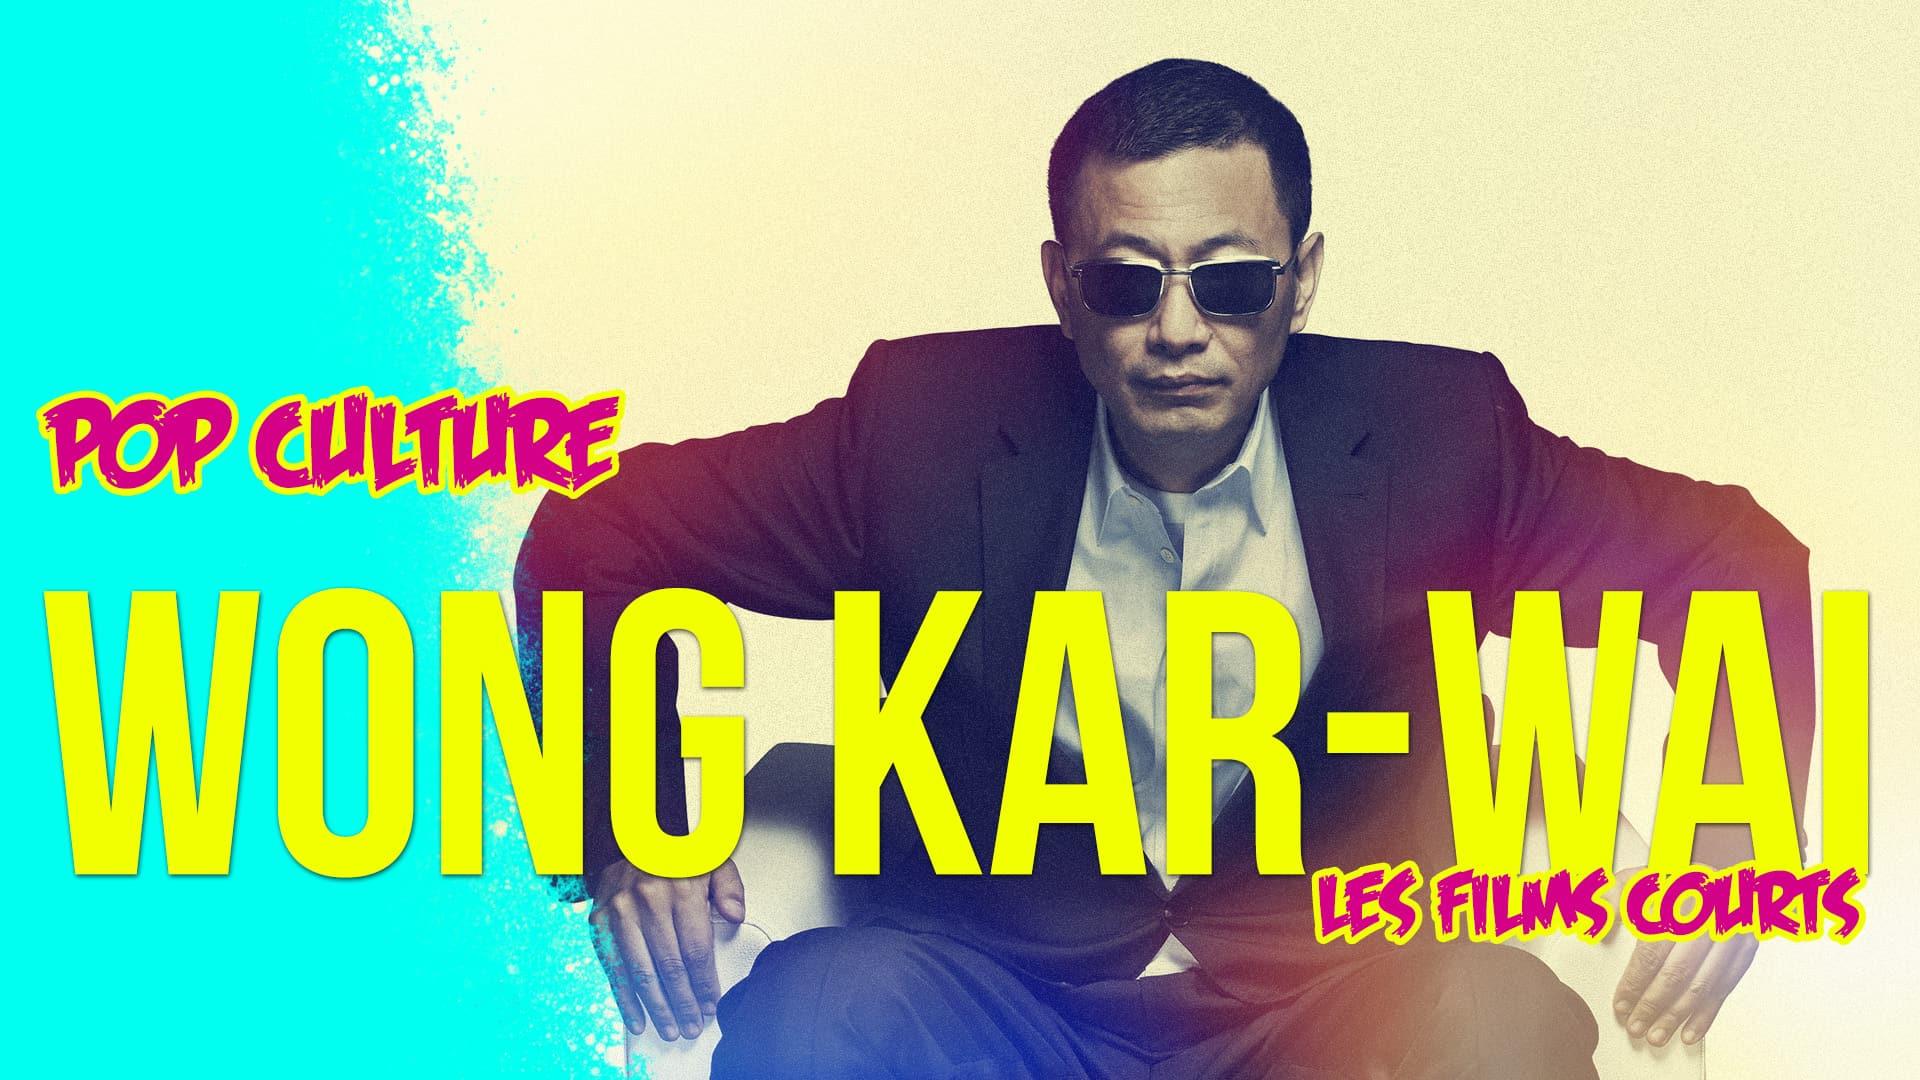 Wong Kar-wai - Les films courts